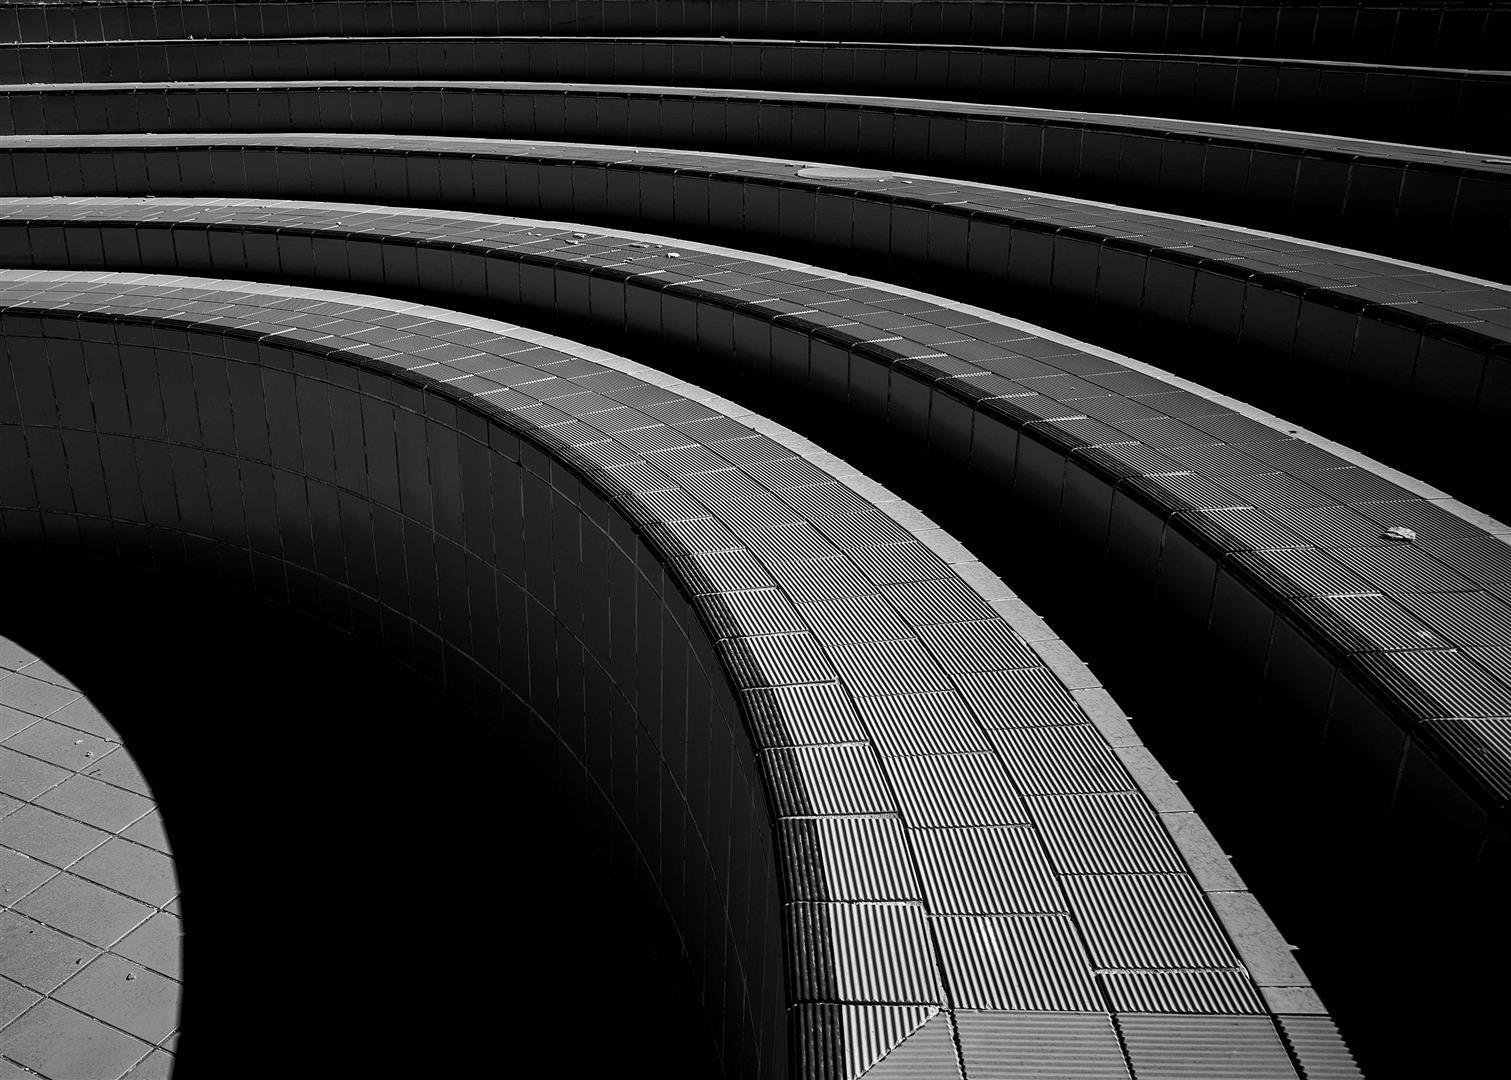 Obra: Perspectiva de una escalera 2